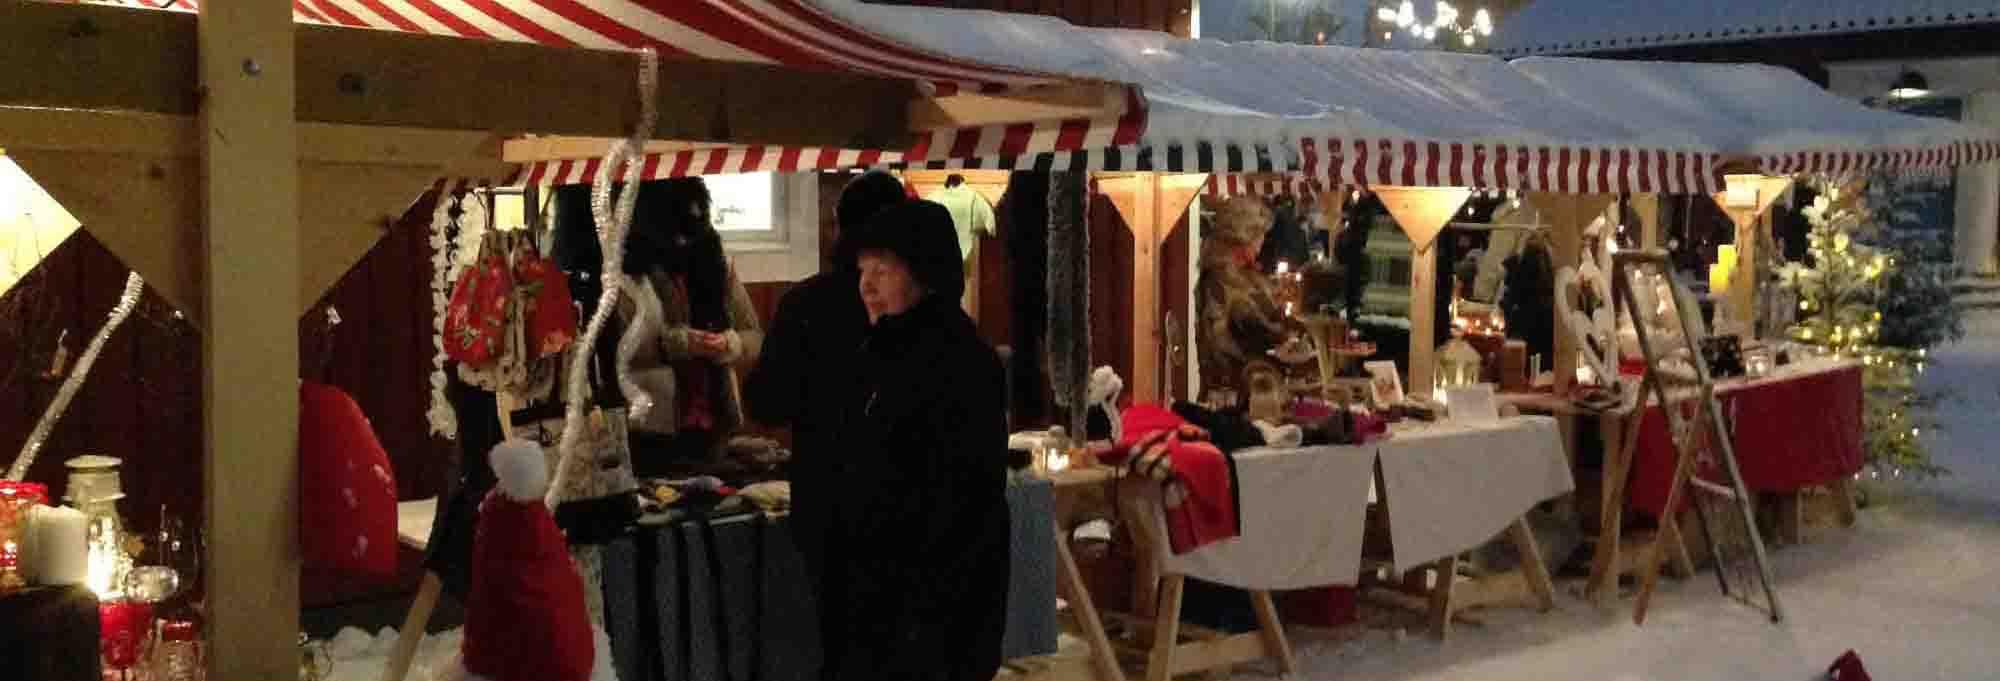 Julmarknad på Korsnäsgården Mora -SeBra Event AB